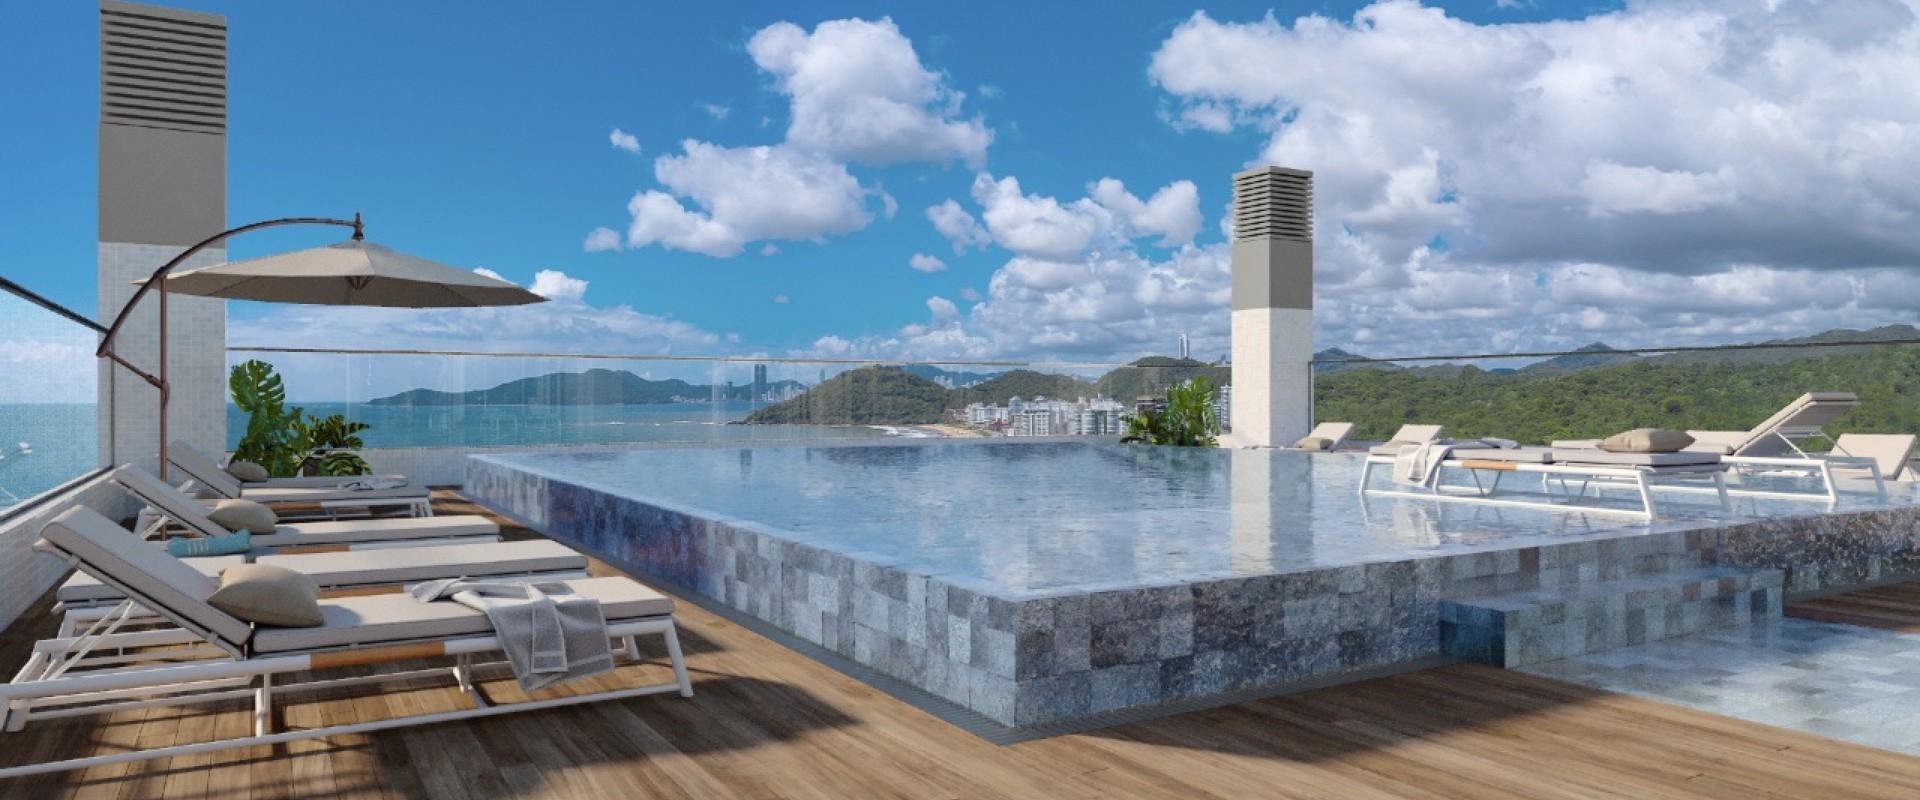 Le Blanc Lançamento na Praia Brava no Edifício LeBlanc em Itajaí